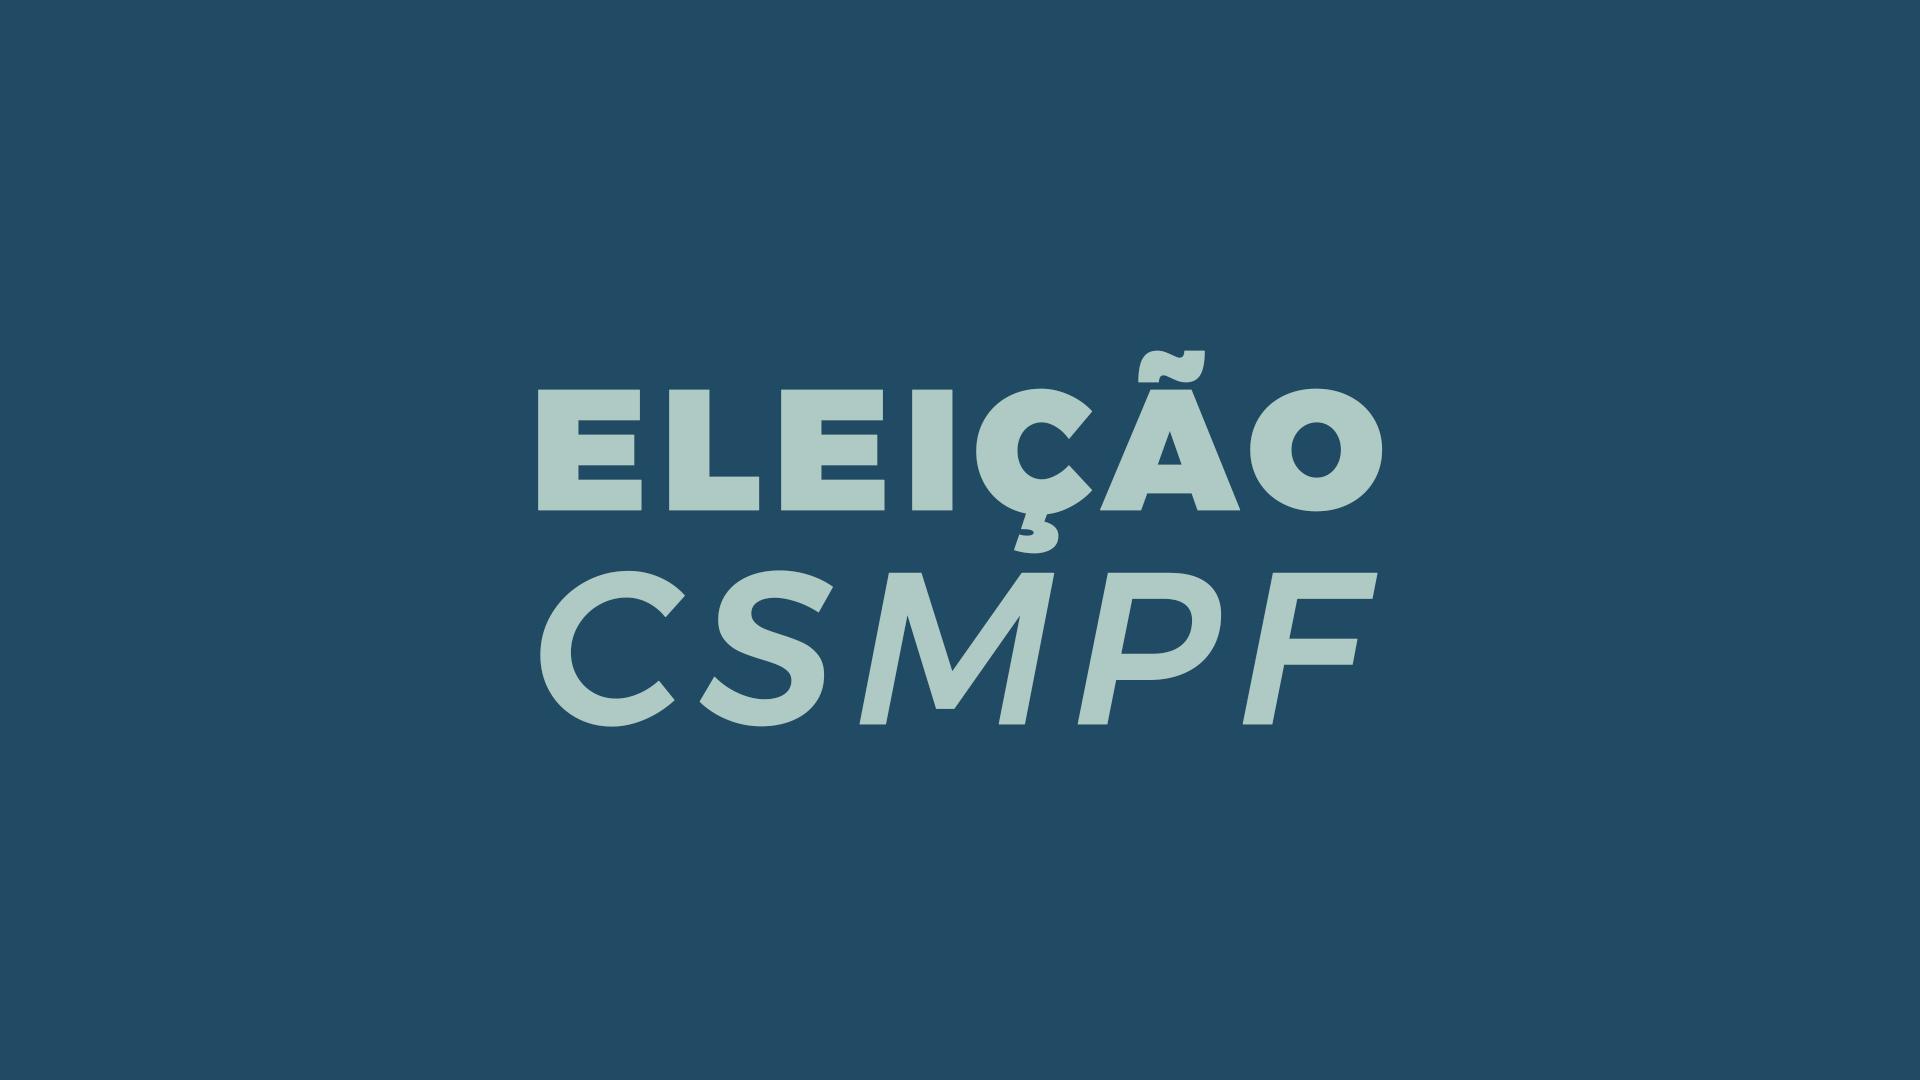 Eleições CSMPF